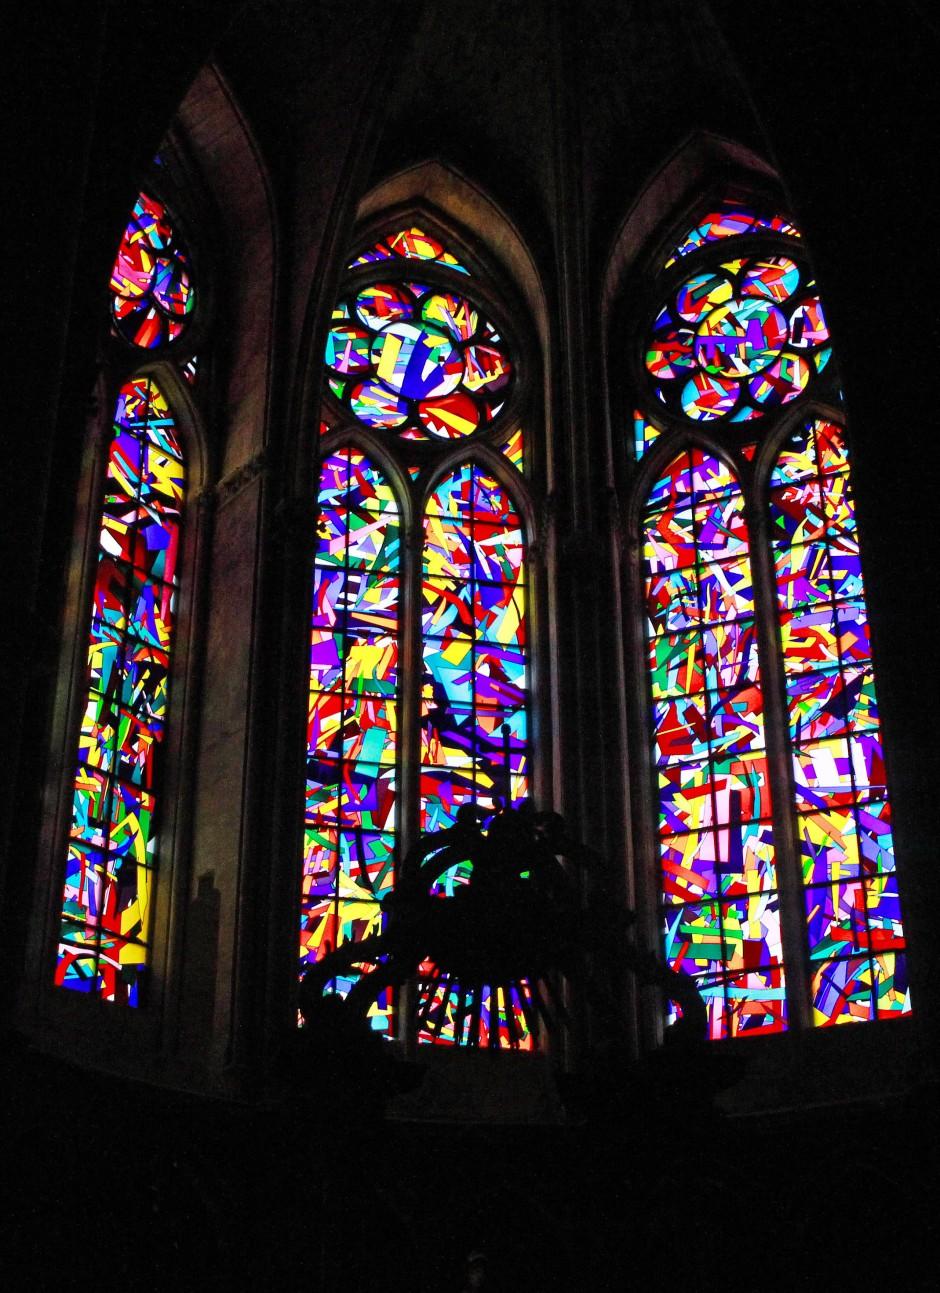 Zersplittert wie die Kirche im Ersten Weltkrieg: Imi Knoebels Fenster für die französische Krönungskathedrale Notre Dame zu Reims.